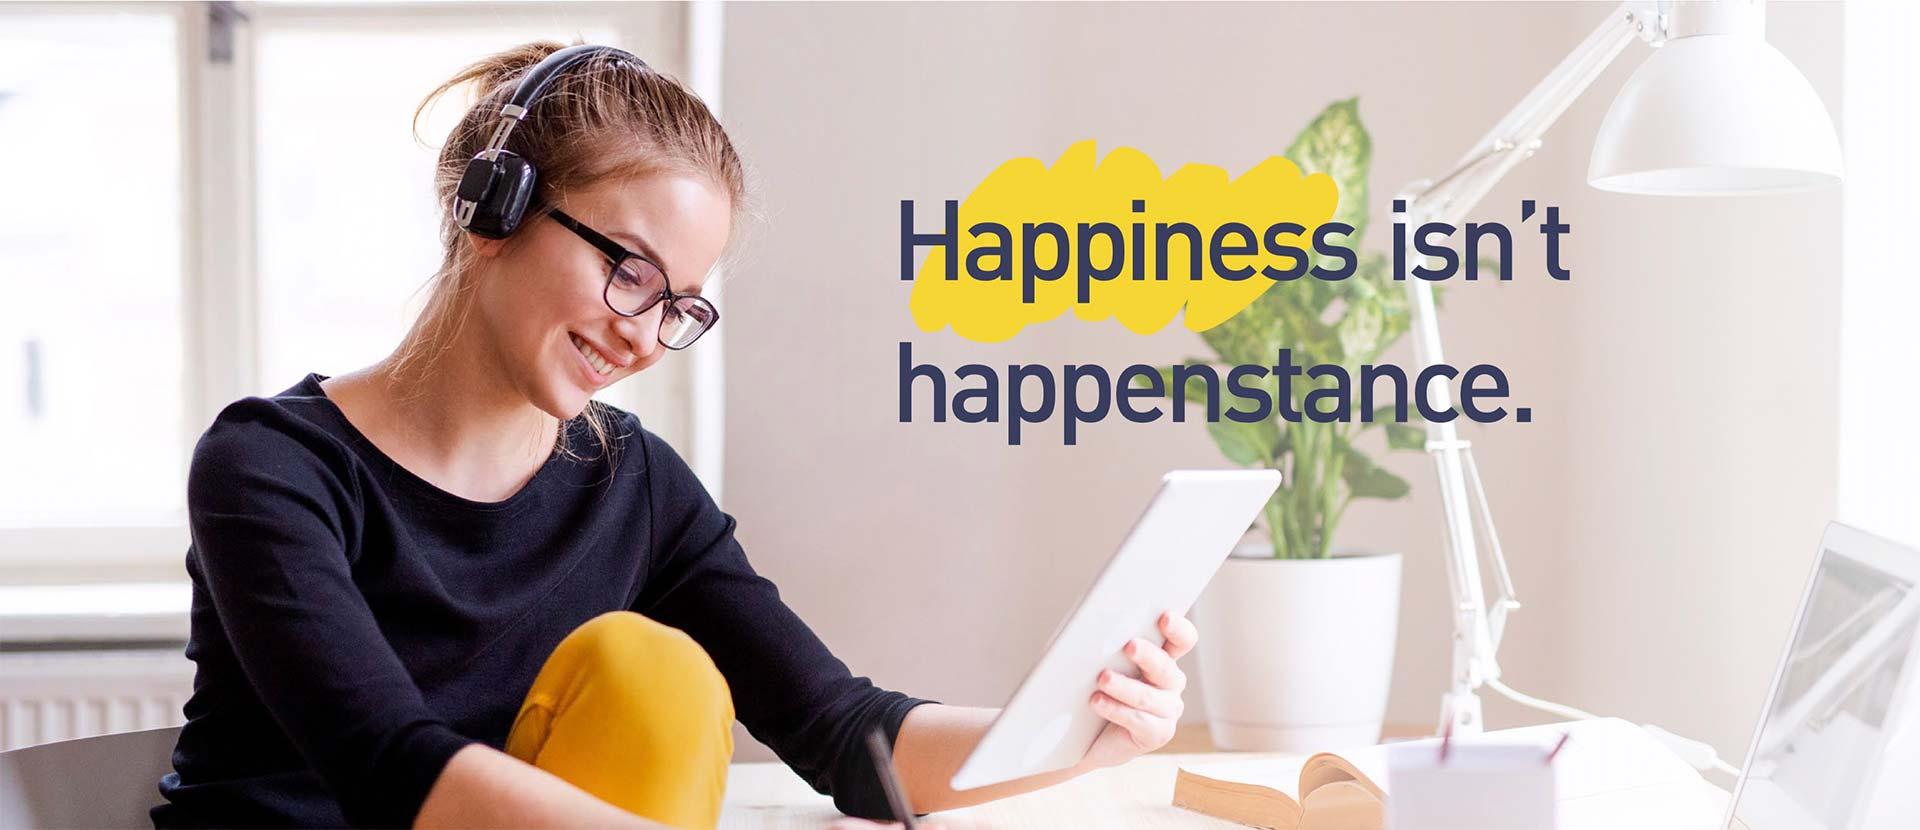 Happiness-happ-4